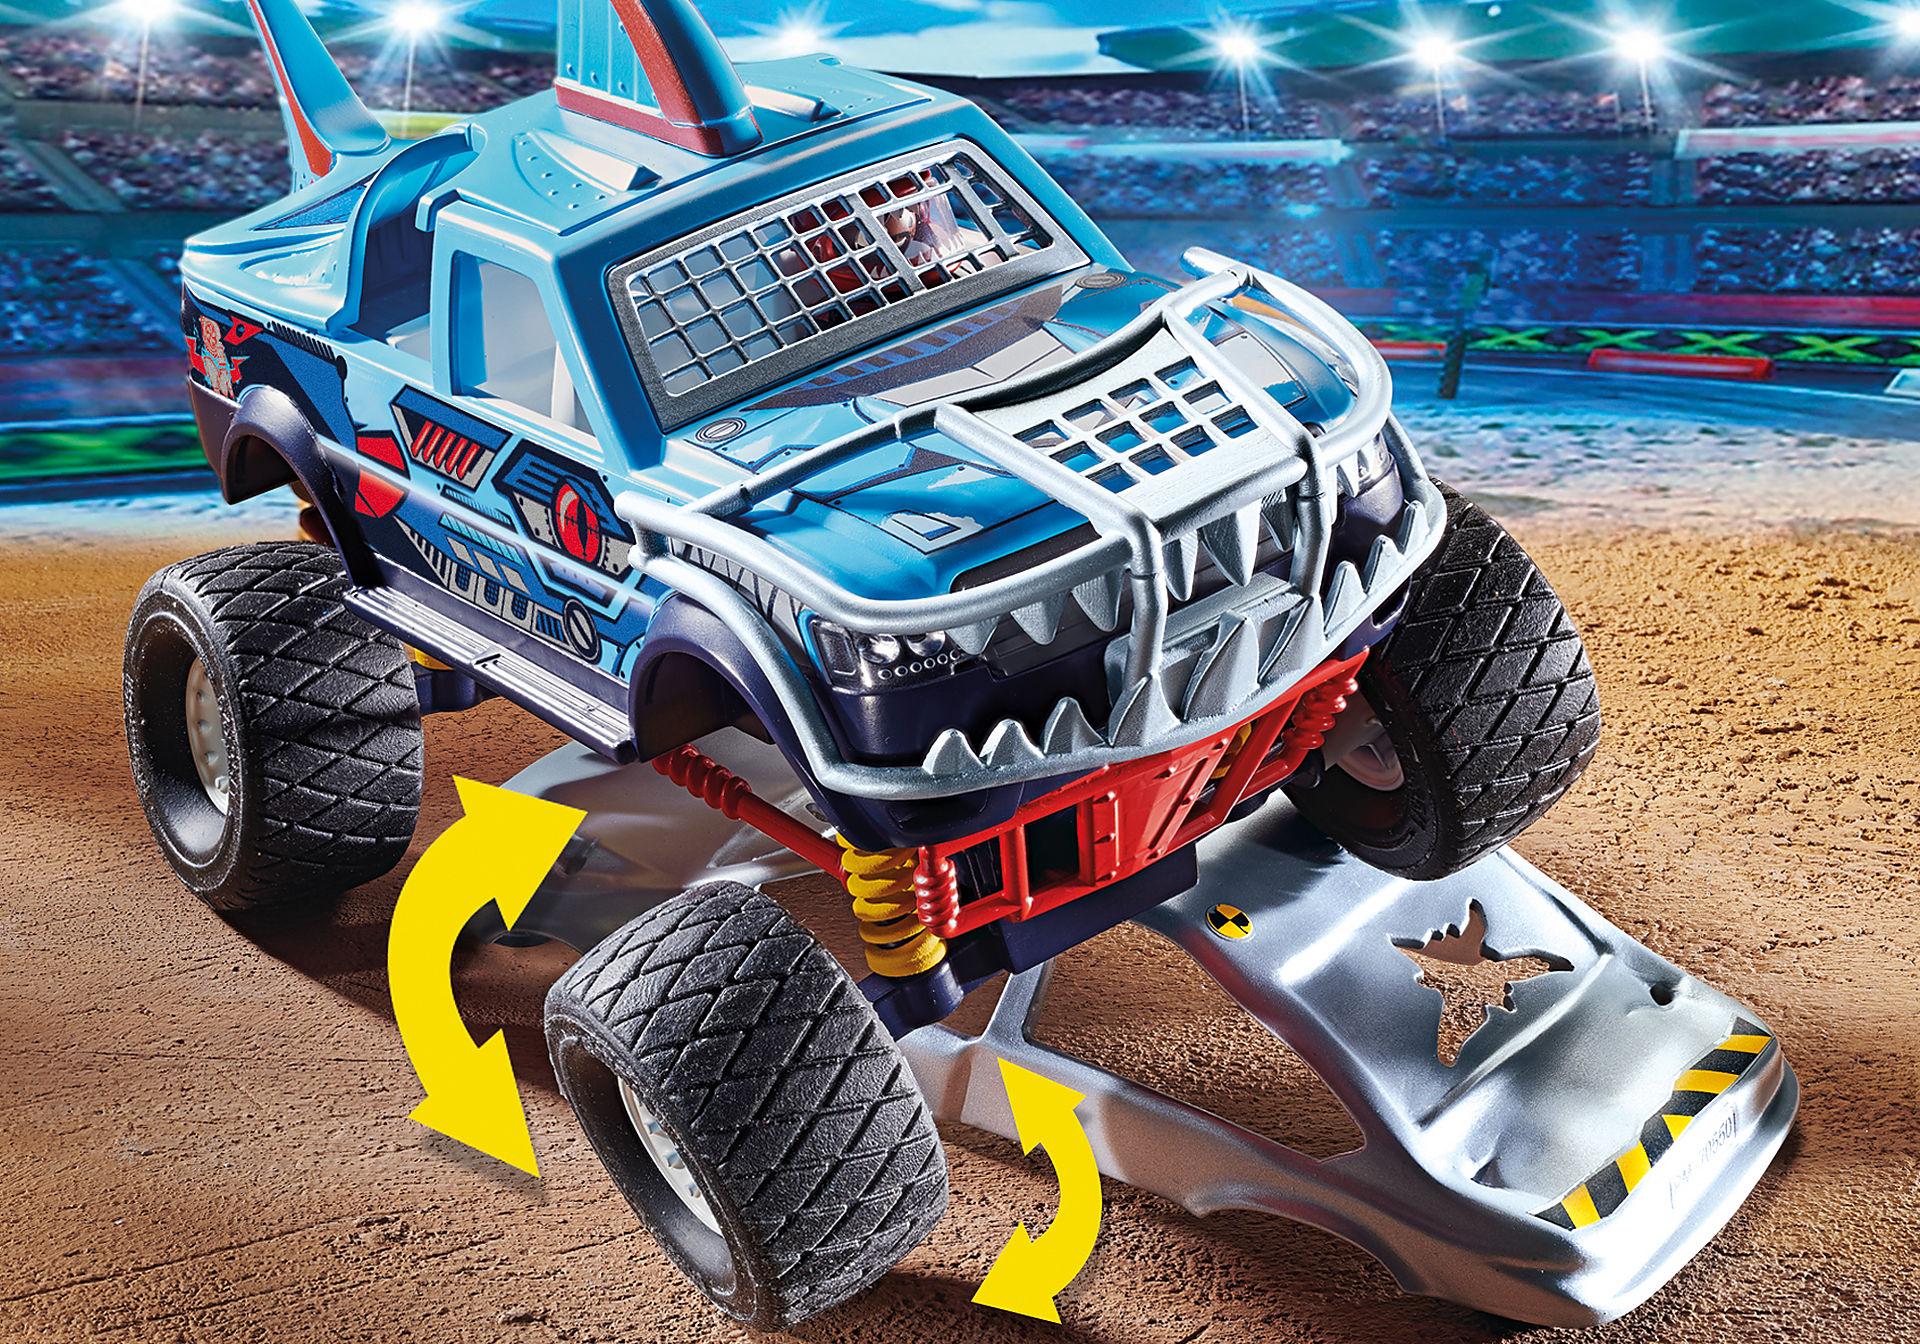 70550 Stuntshow Monster truck de cascade zoom image4